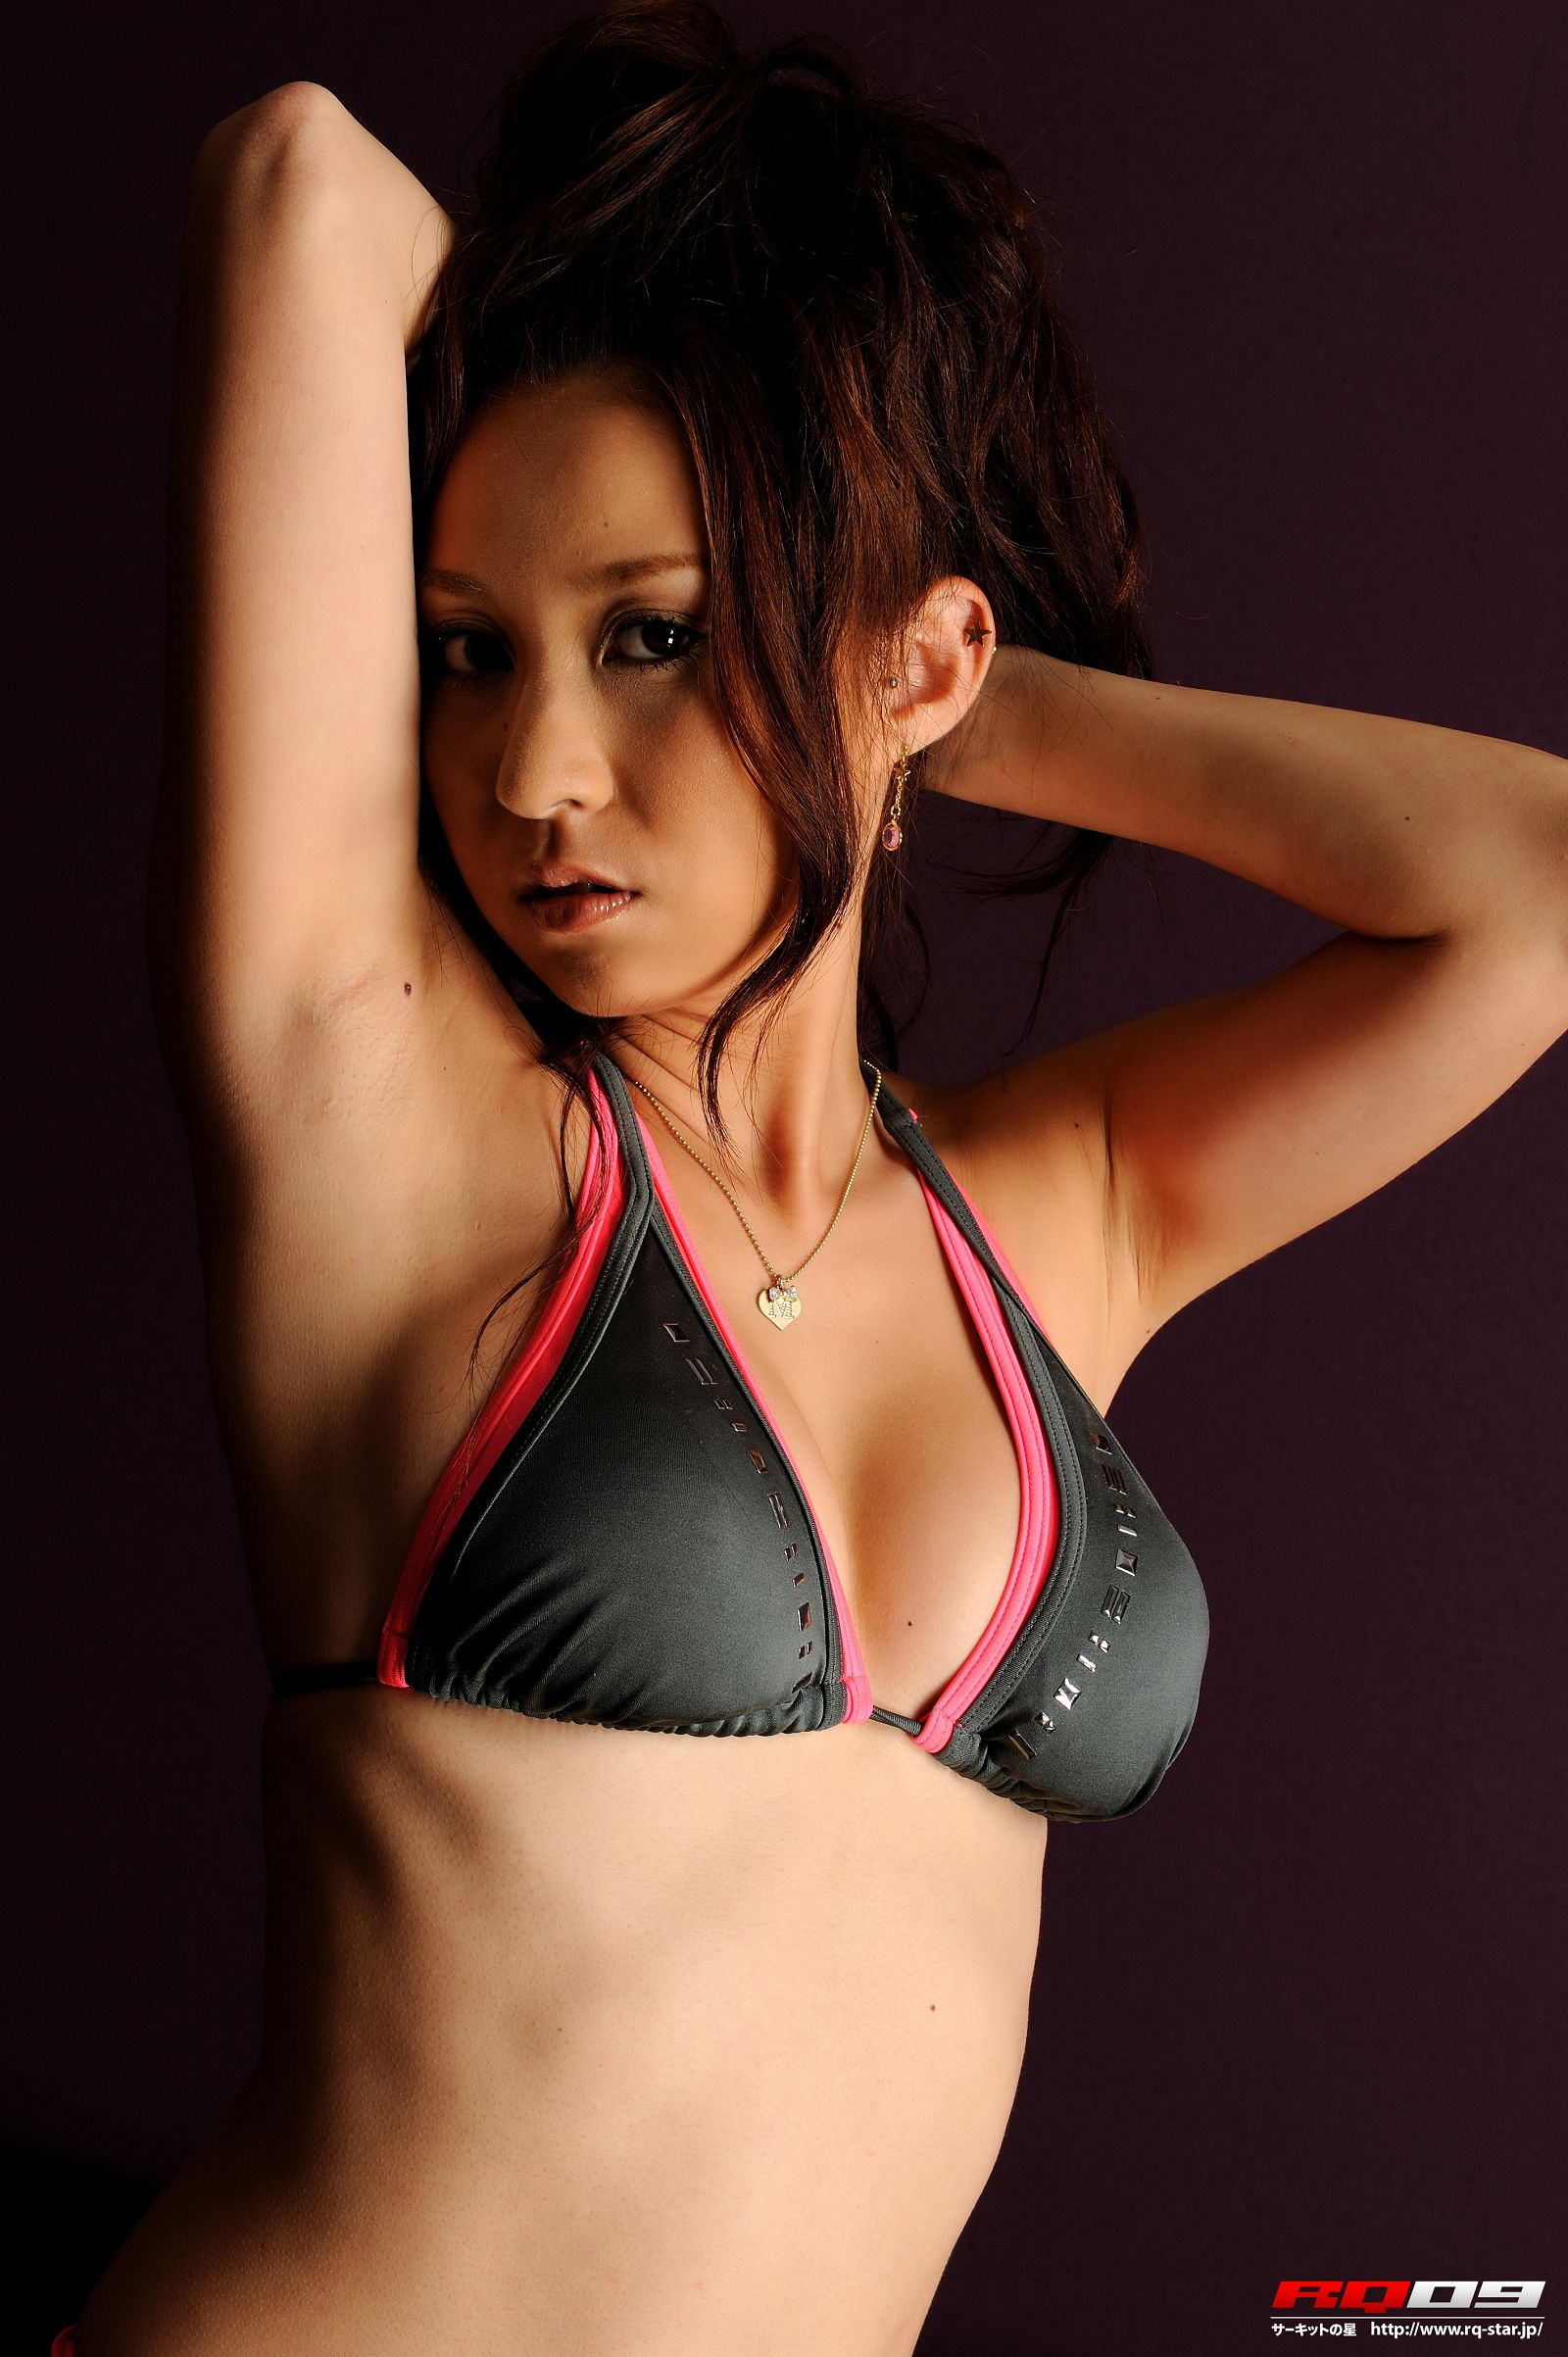 [RQ STAR美女] NO.0191 Megumi Yano 矢野めぐみ Swim Suits[72P] RQ STAR 第2张